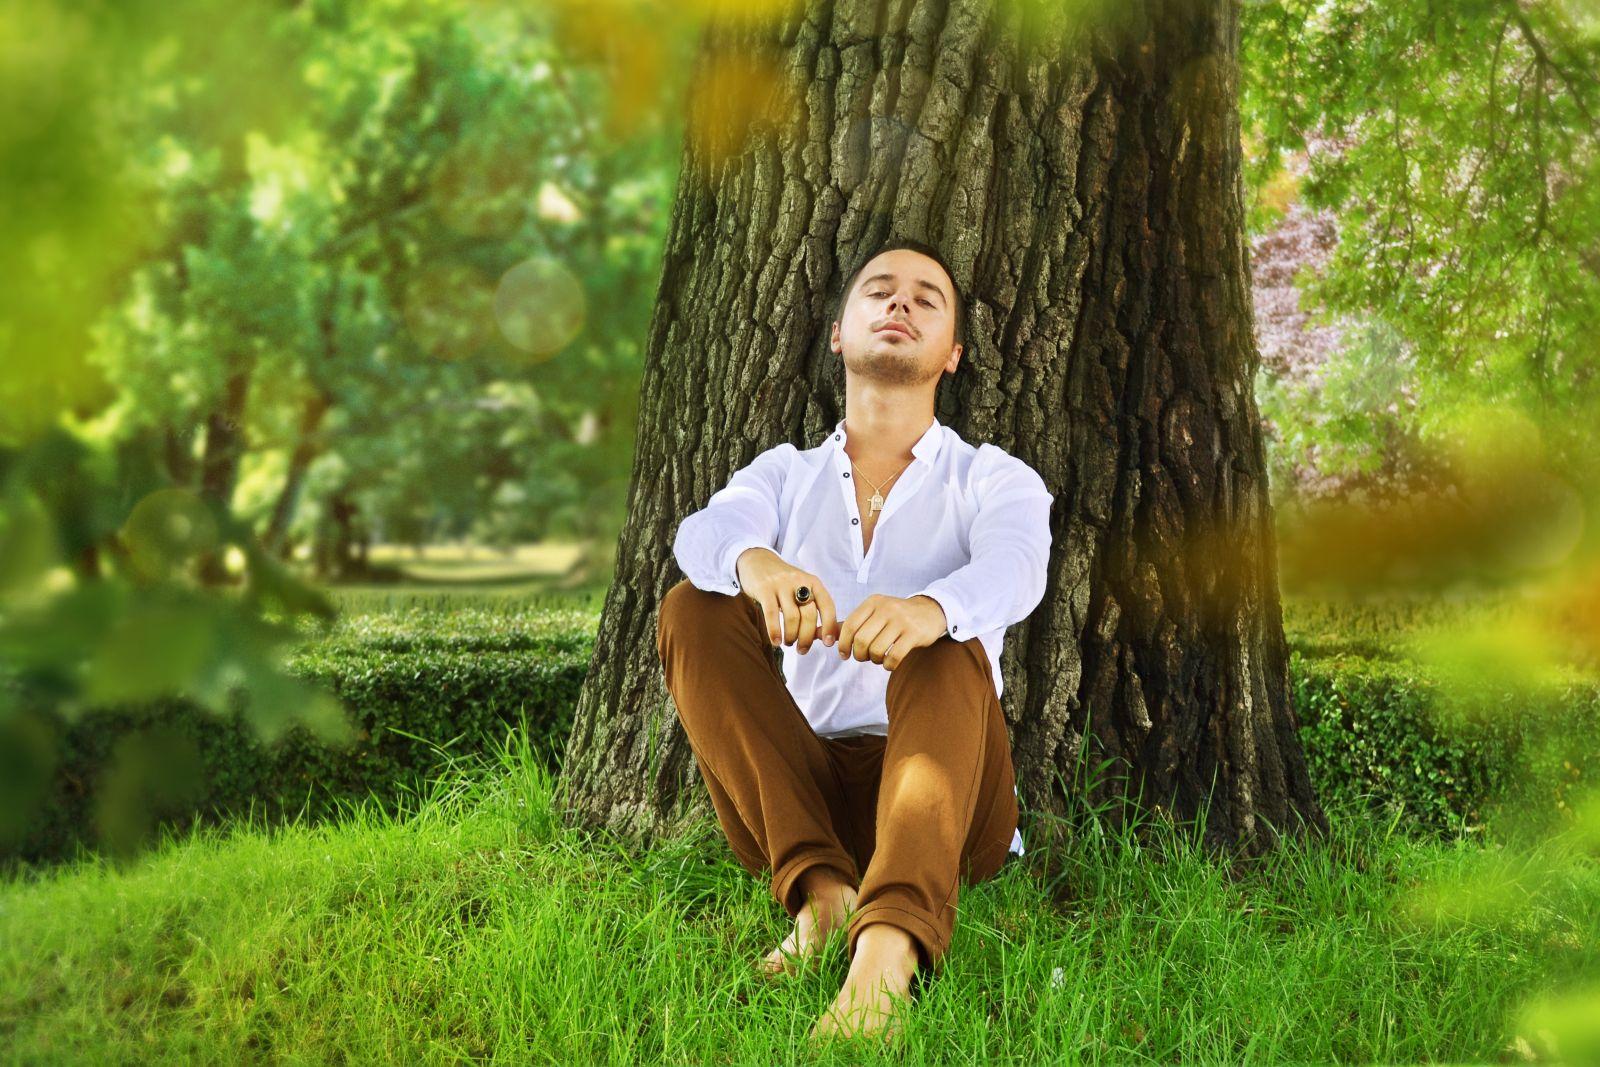 Как исцелиться с помощью музыки: советы экстрасенса - фото №3